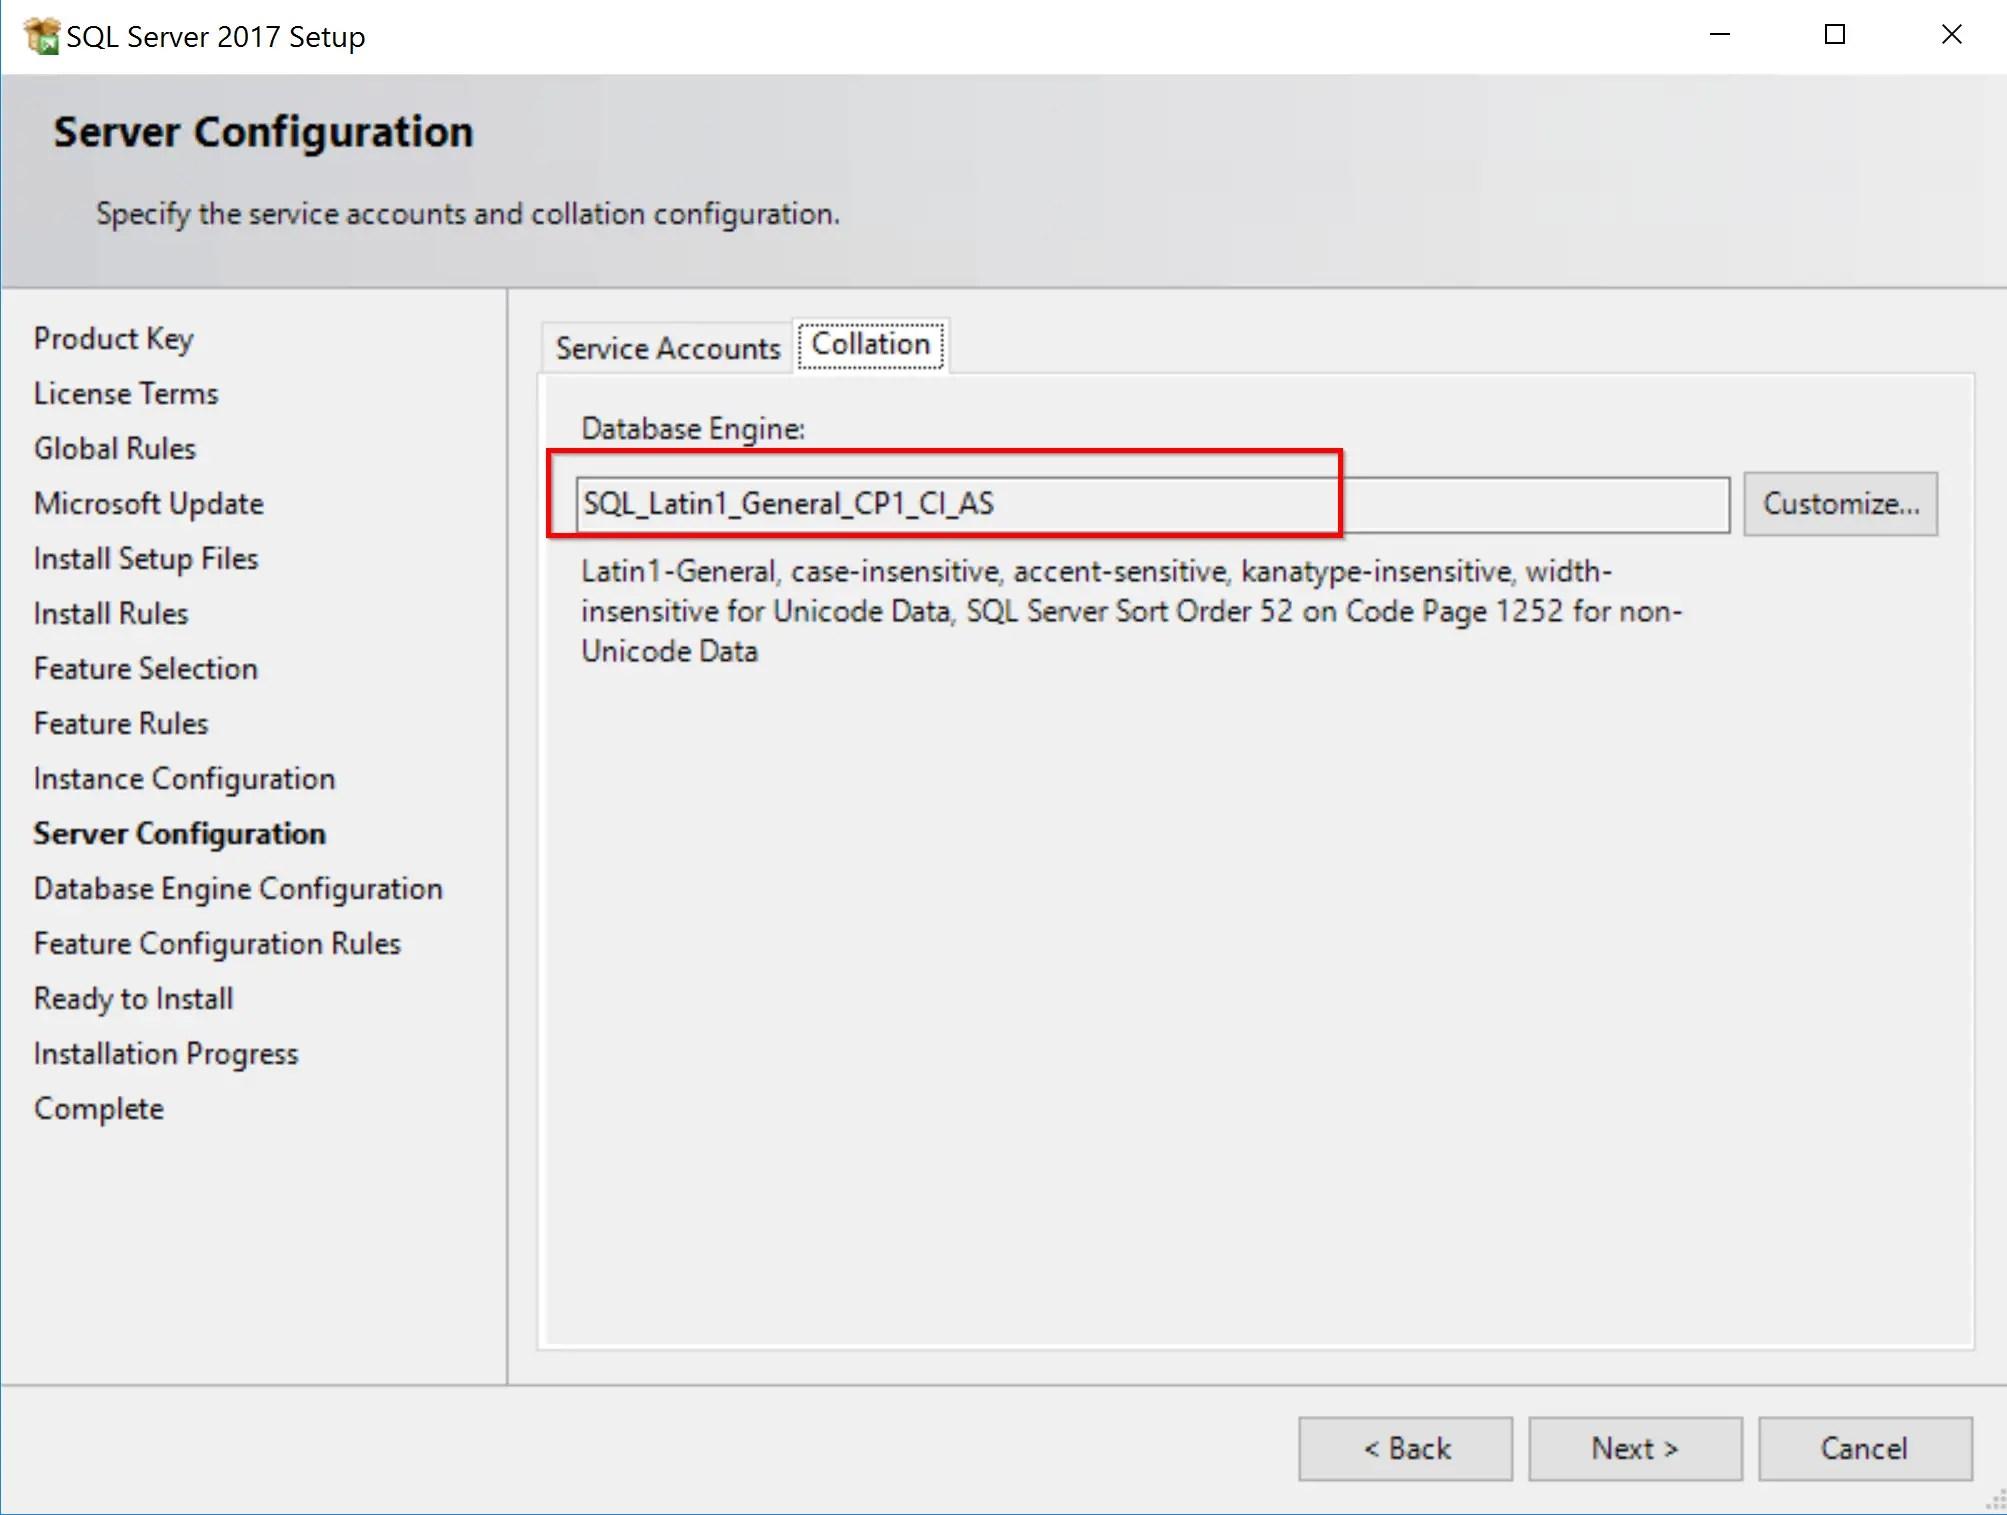 SQL Server 2017 Step by step for SCCM Installation 10